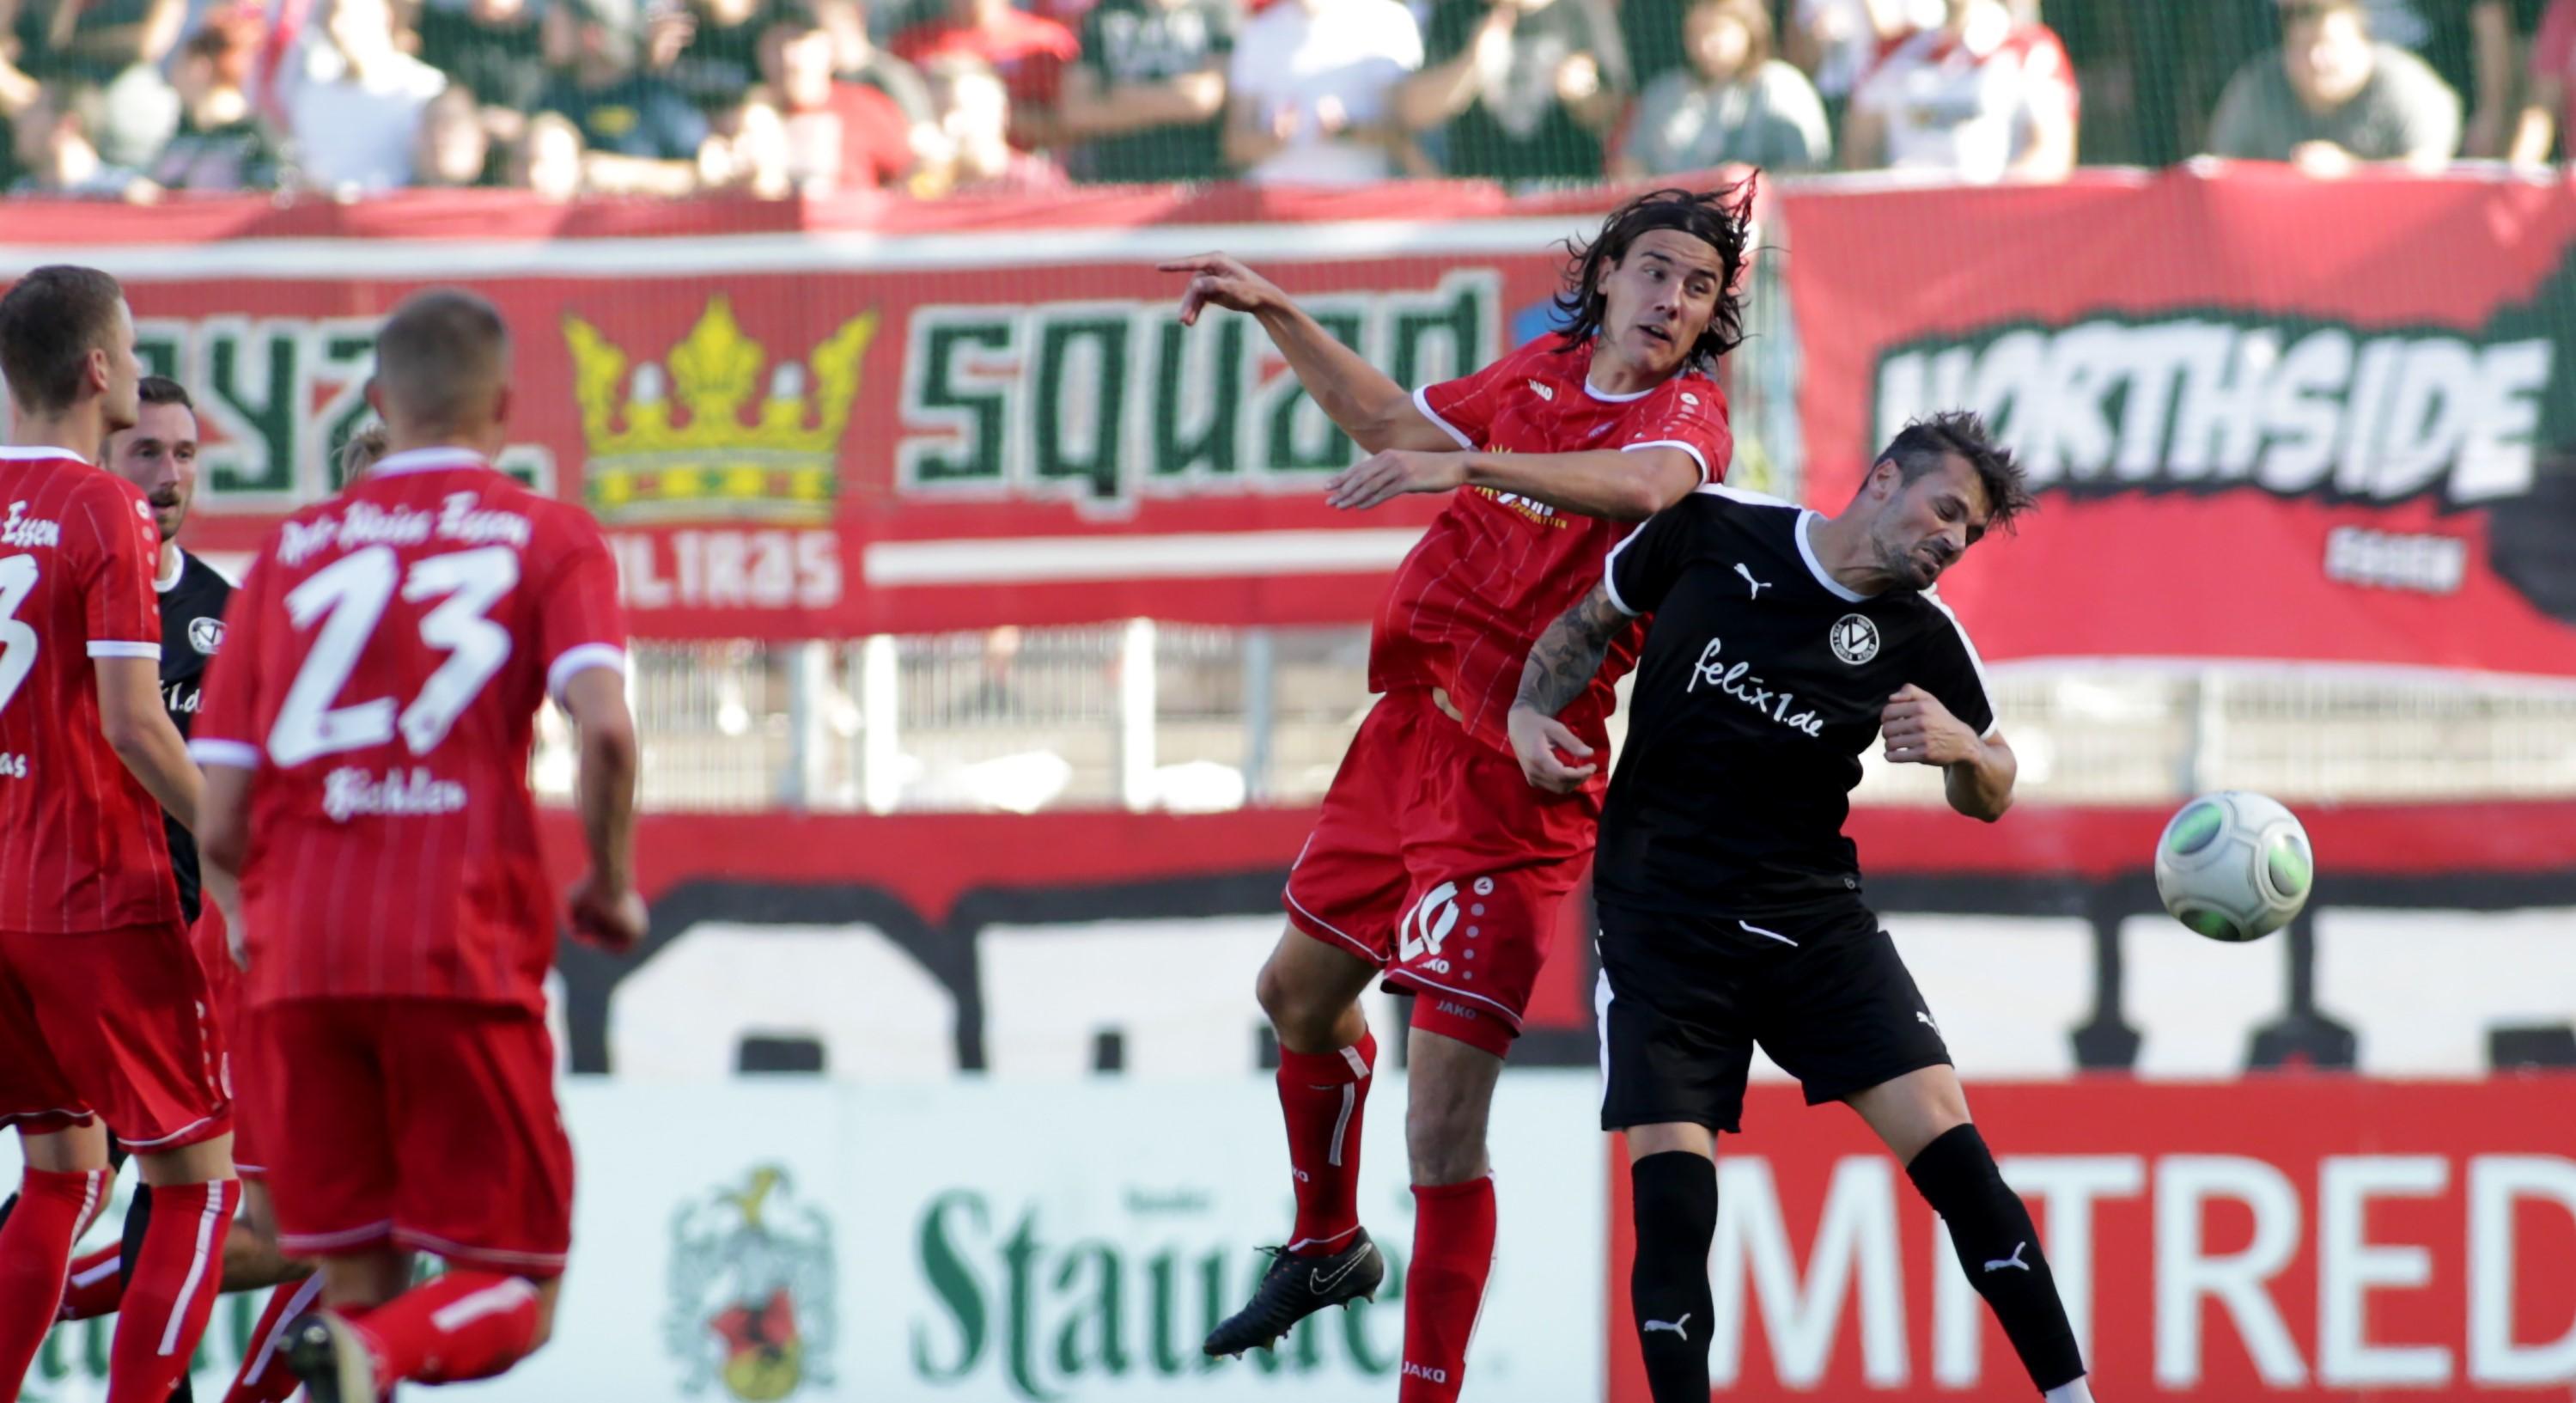 Gegen Viktoria Köln konnten die Rot-Weissen ihre Torchancen nicht nutzen. (Foto: Endberg)